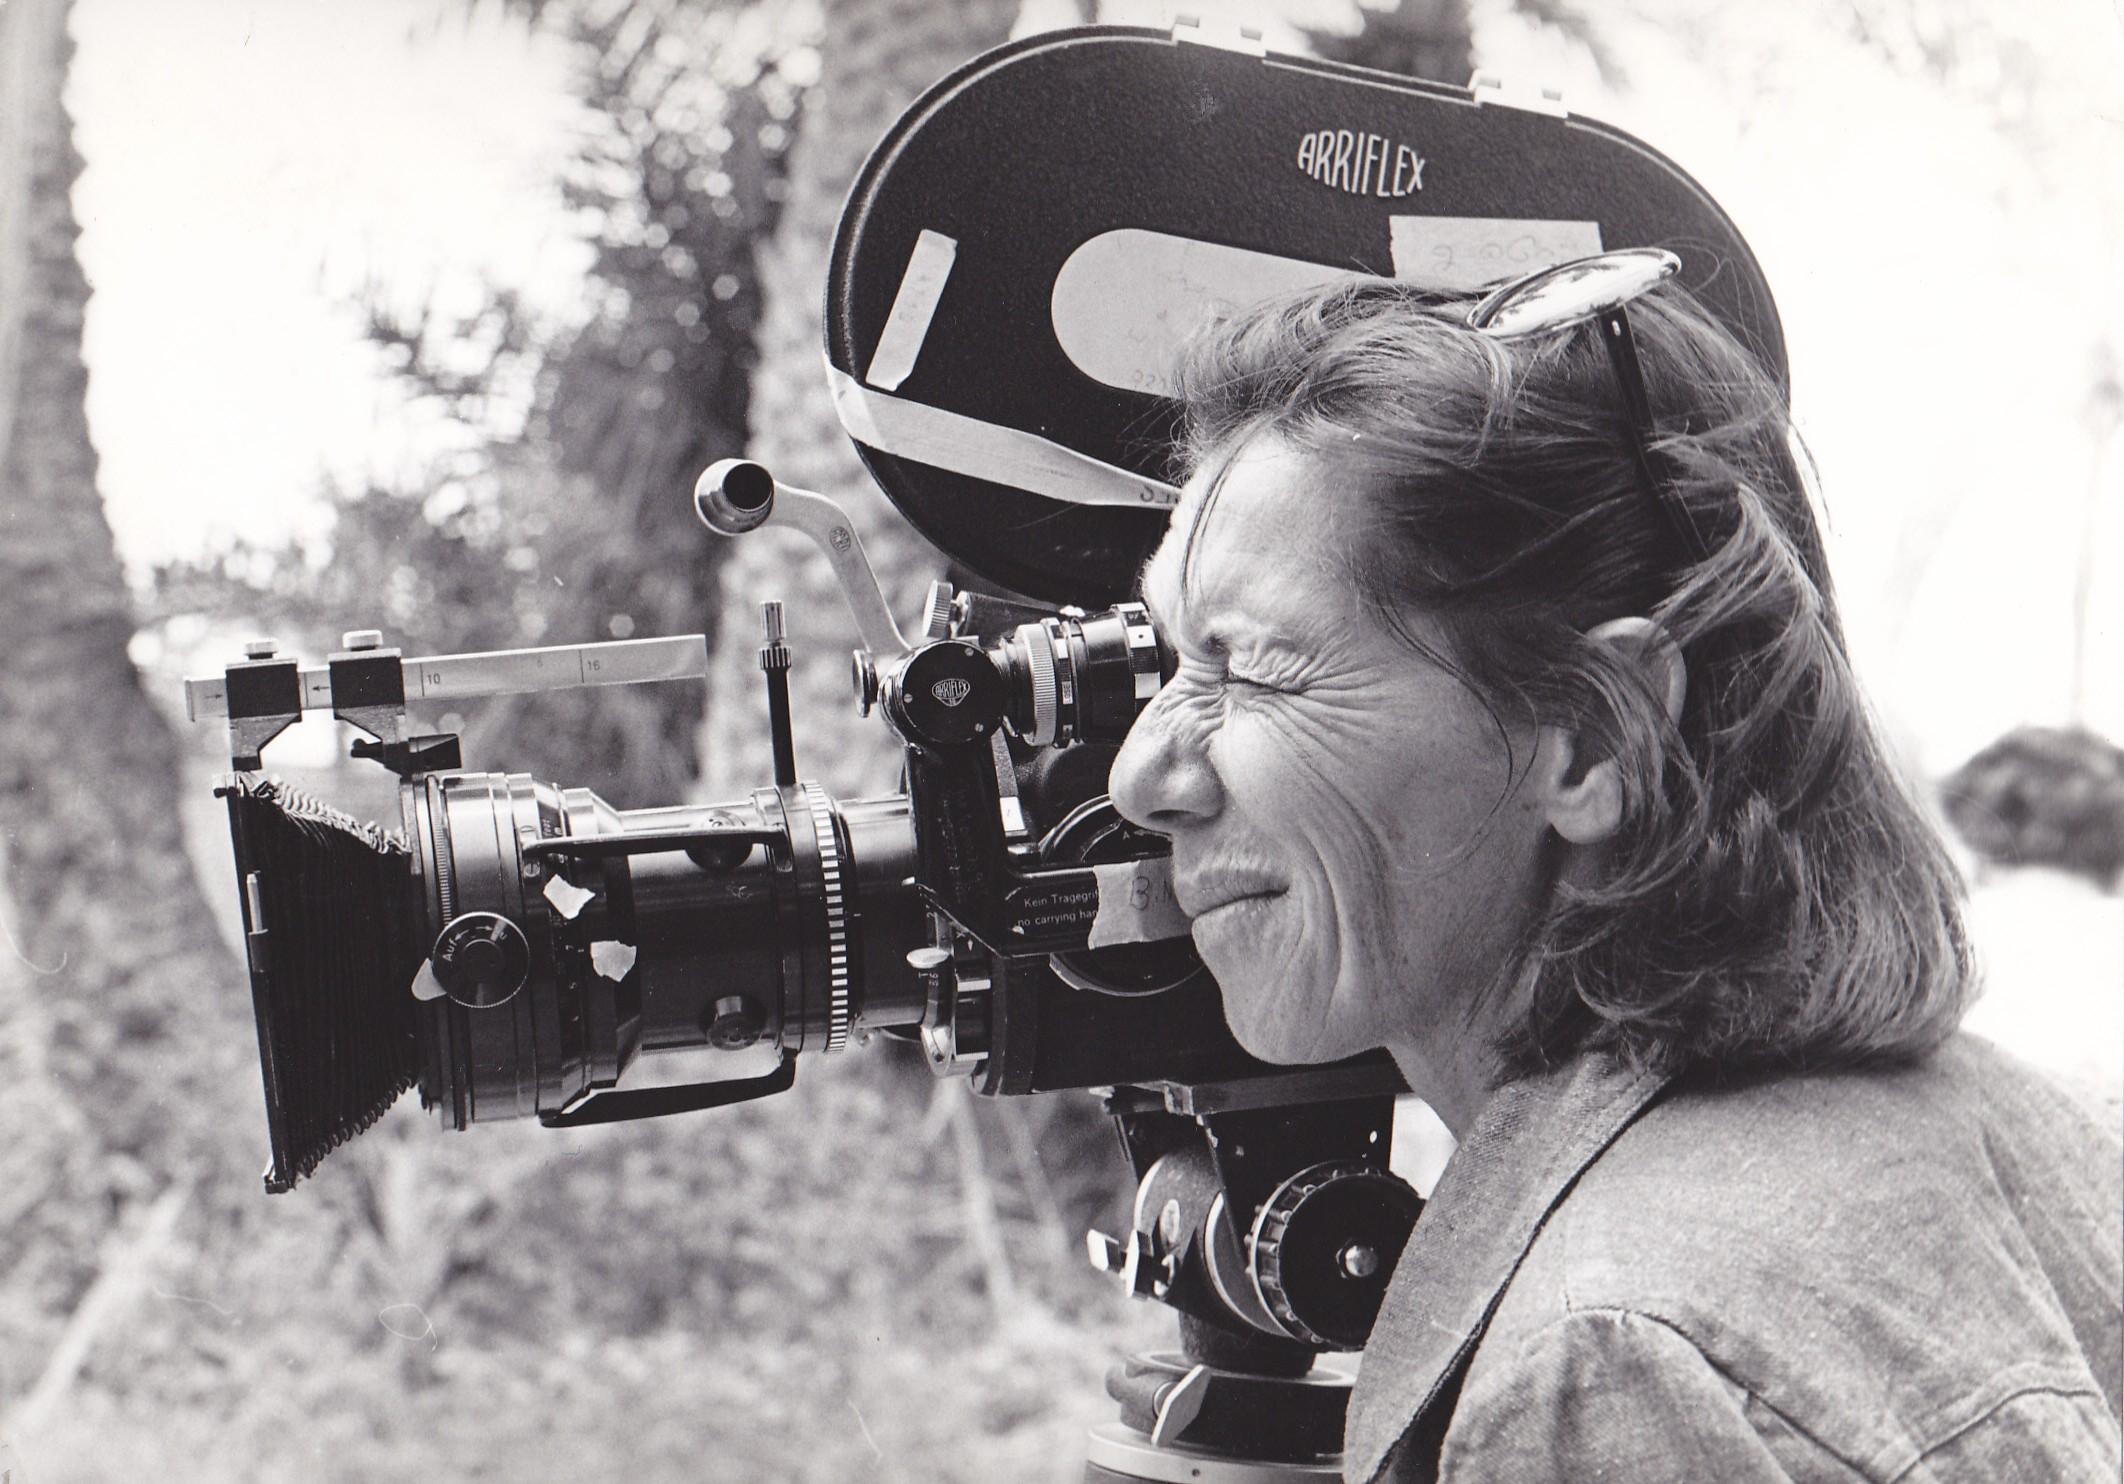 סמדר זמיר מציגה: #פרייםמשלה, 60 סרטי נשים